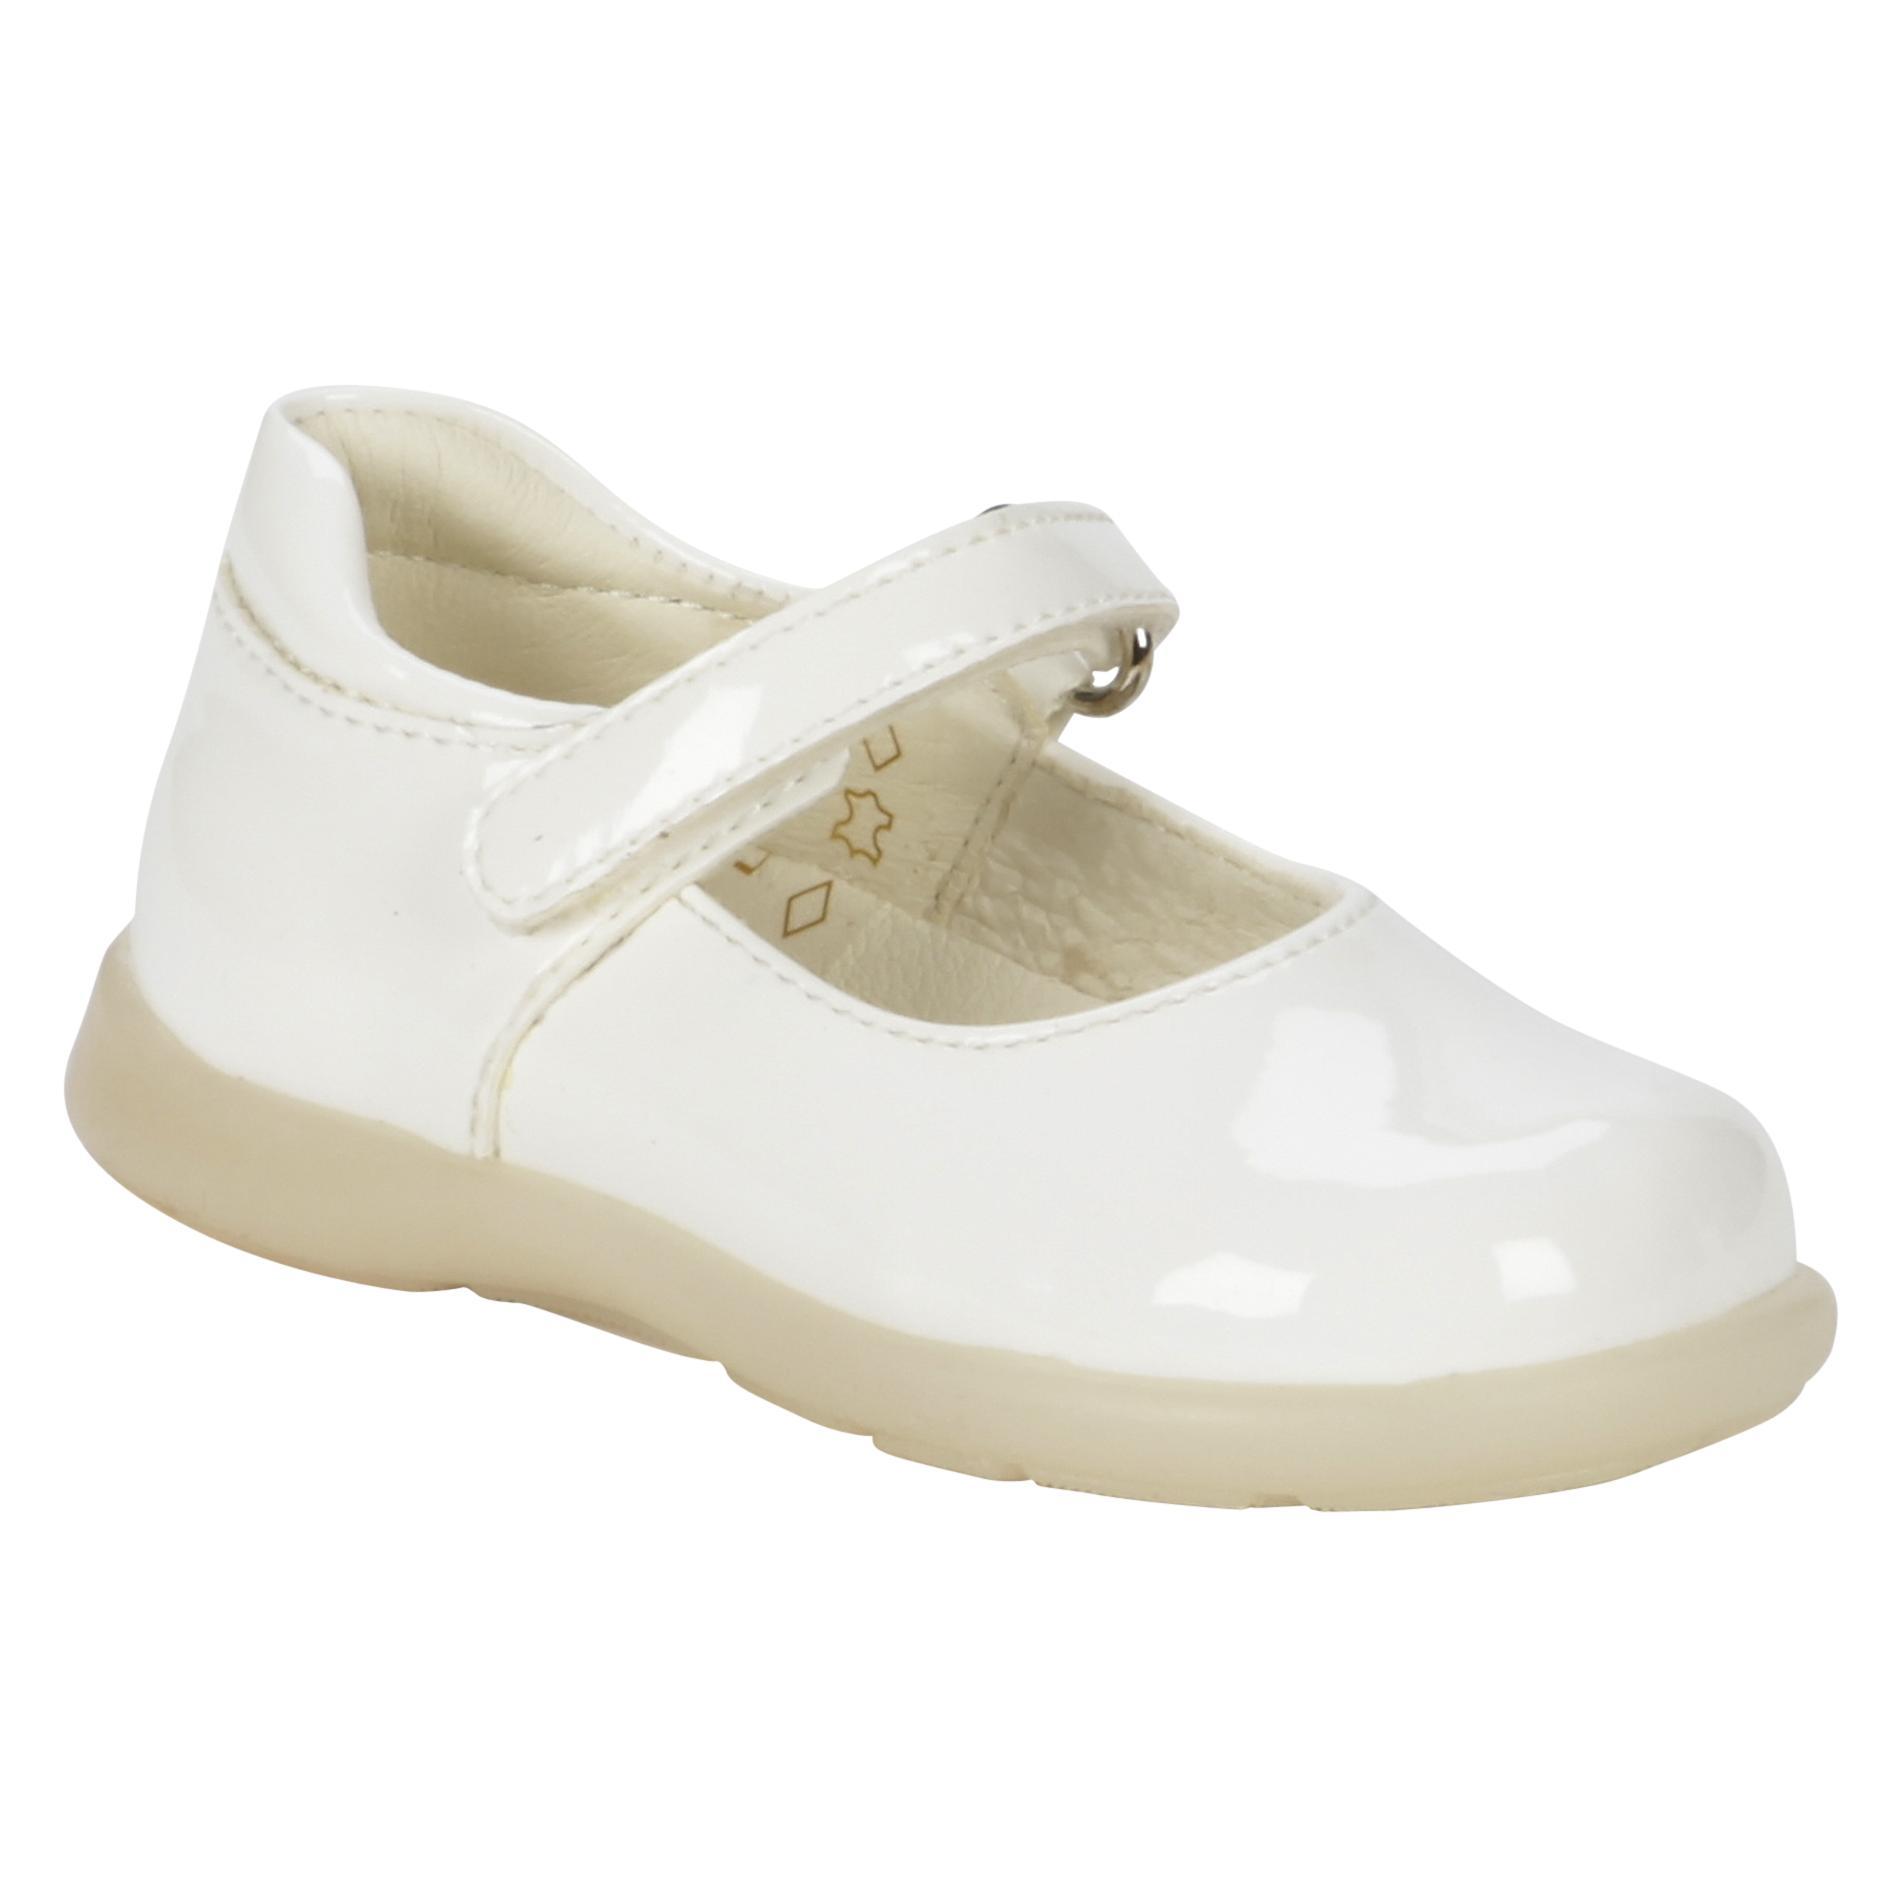 Primigi Toddler Girl's Dress Shoe Andes - White PartNumber: 036VA56286012P MfgPartNumber: 86132177